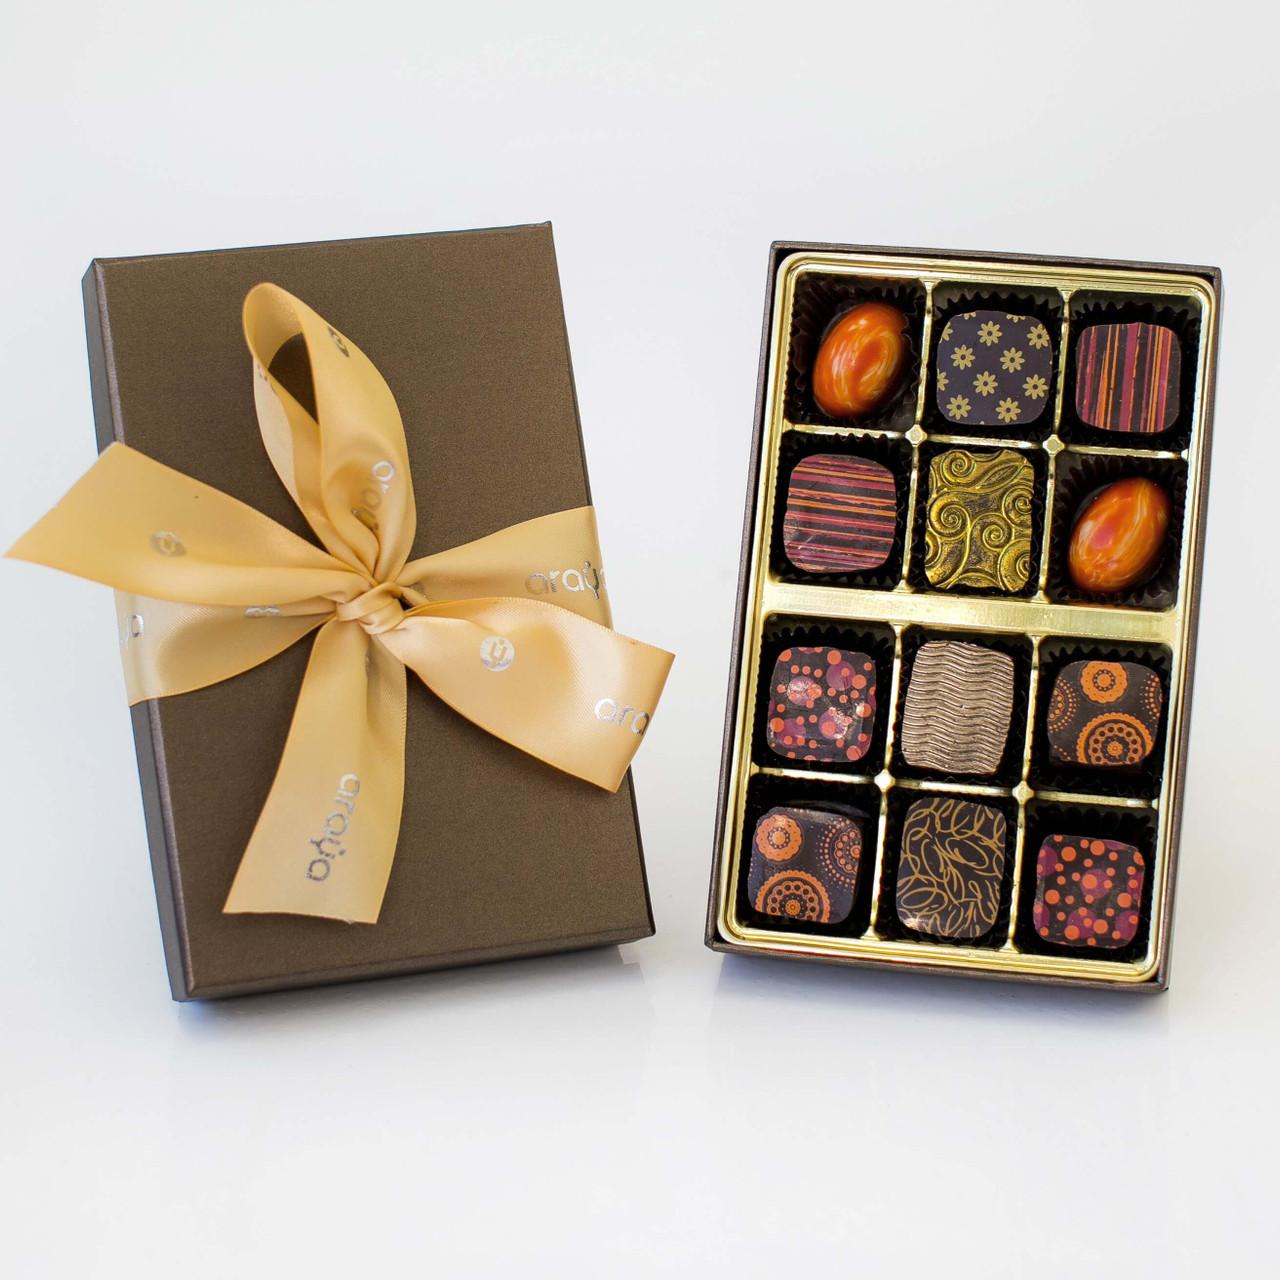 DARK CHOCOLATE From$22-$75